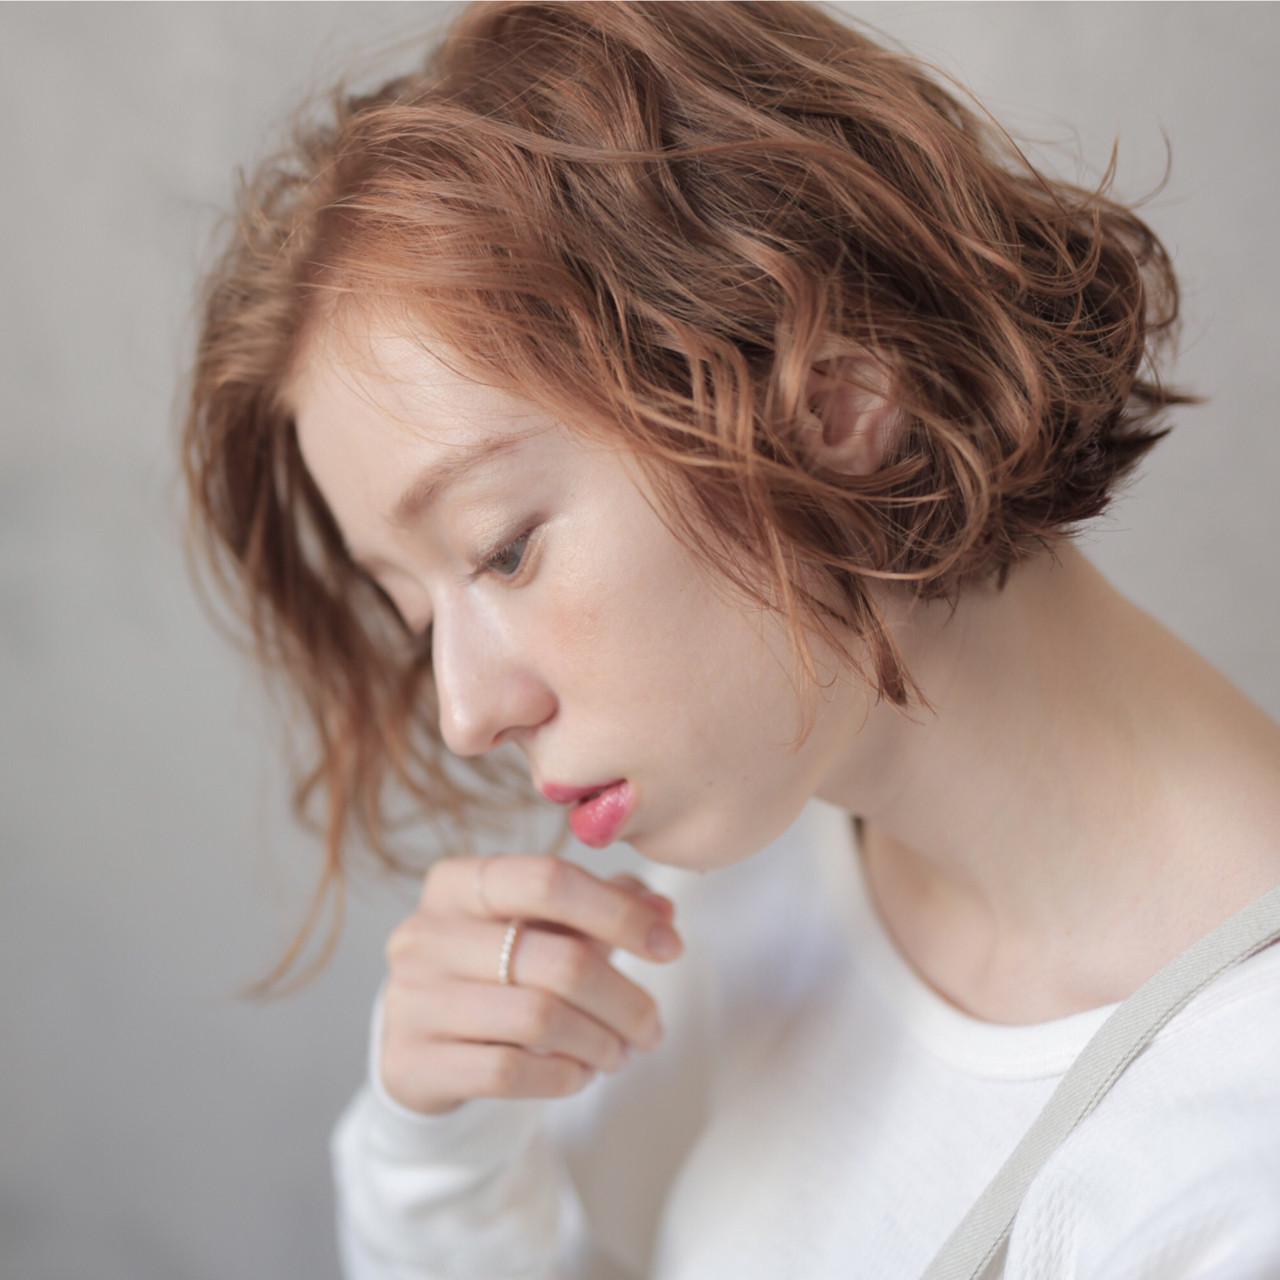 ふんわり外国人風パーマ 道具朝美  ELICA.下北沢